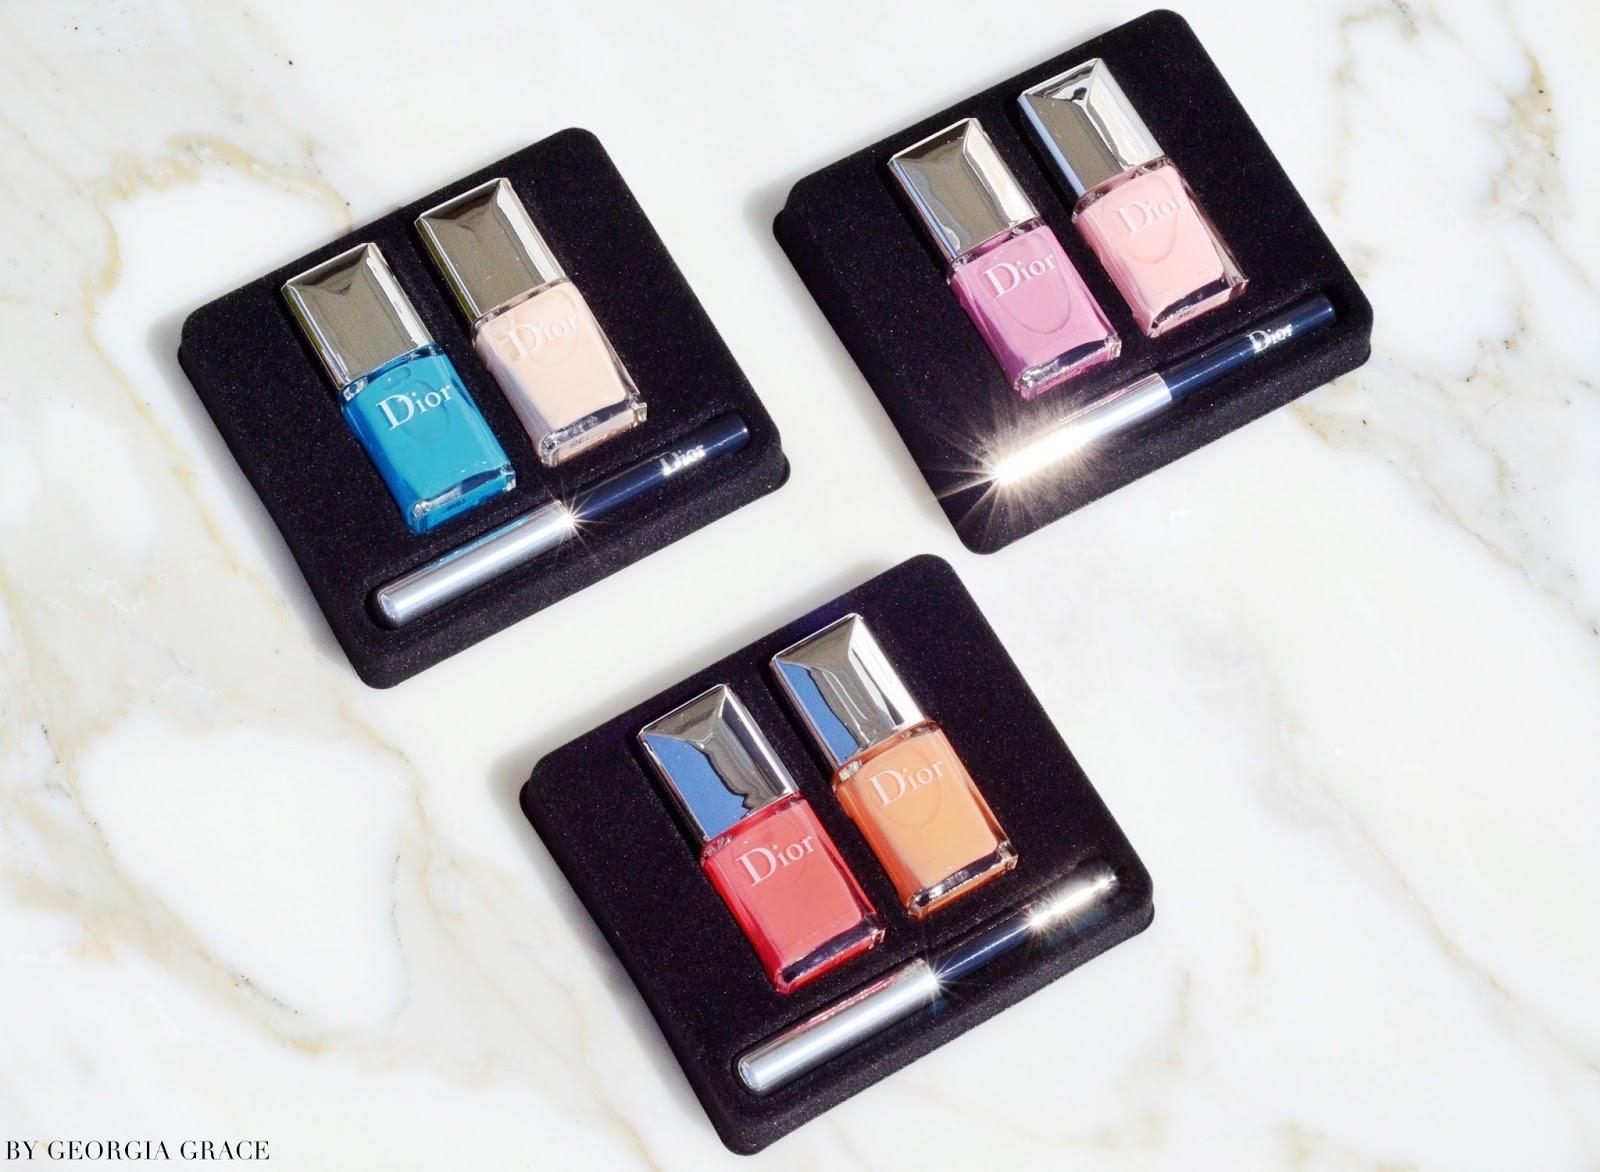 Dior Summer 2016 Polka Dots Nail Polish Duos & Manicure Kits ...